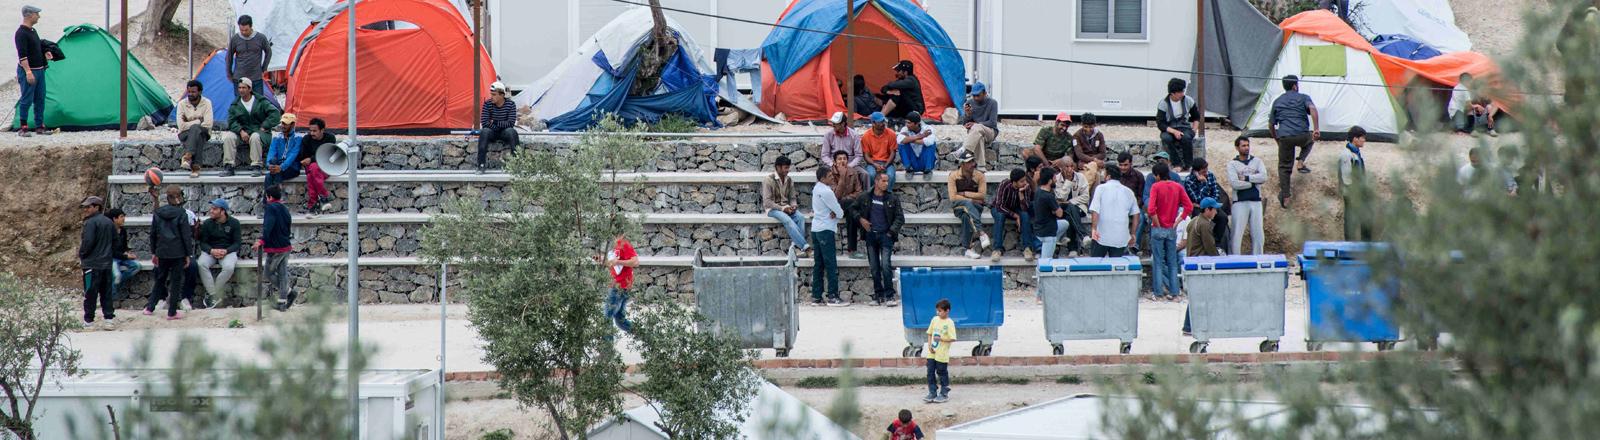 Das Flüchtlingslager Mora auf der griechischen Insel Lesbos